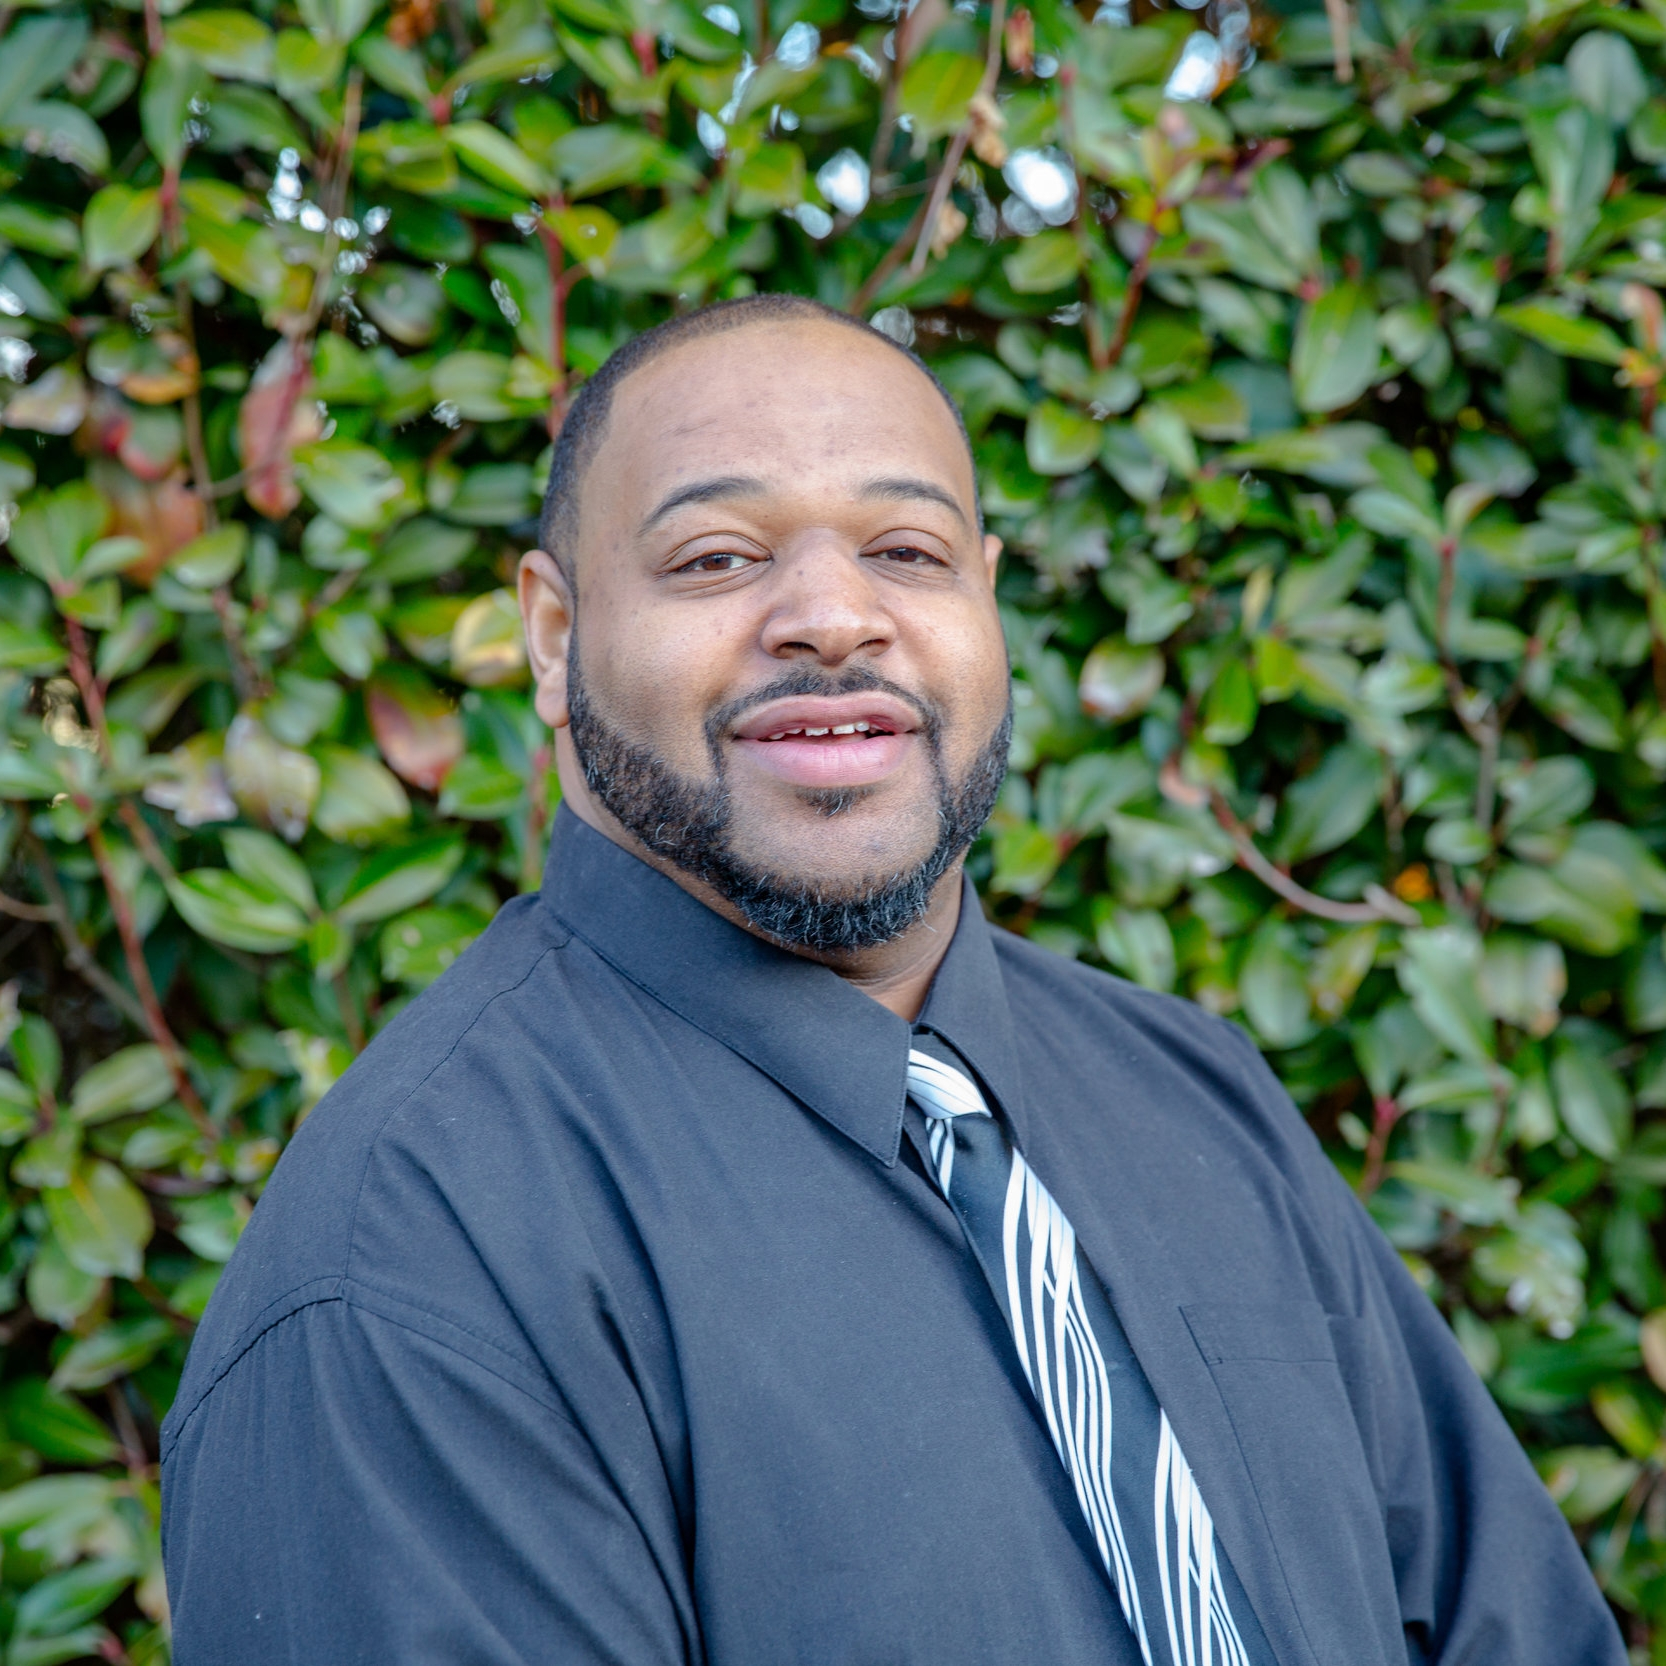 Daryl Hawthorne | Community Day Director